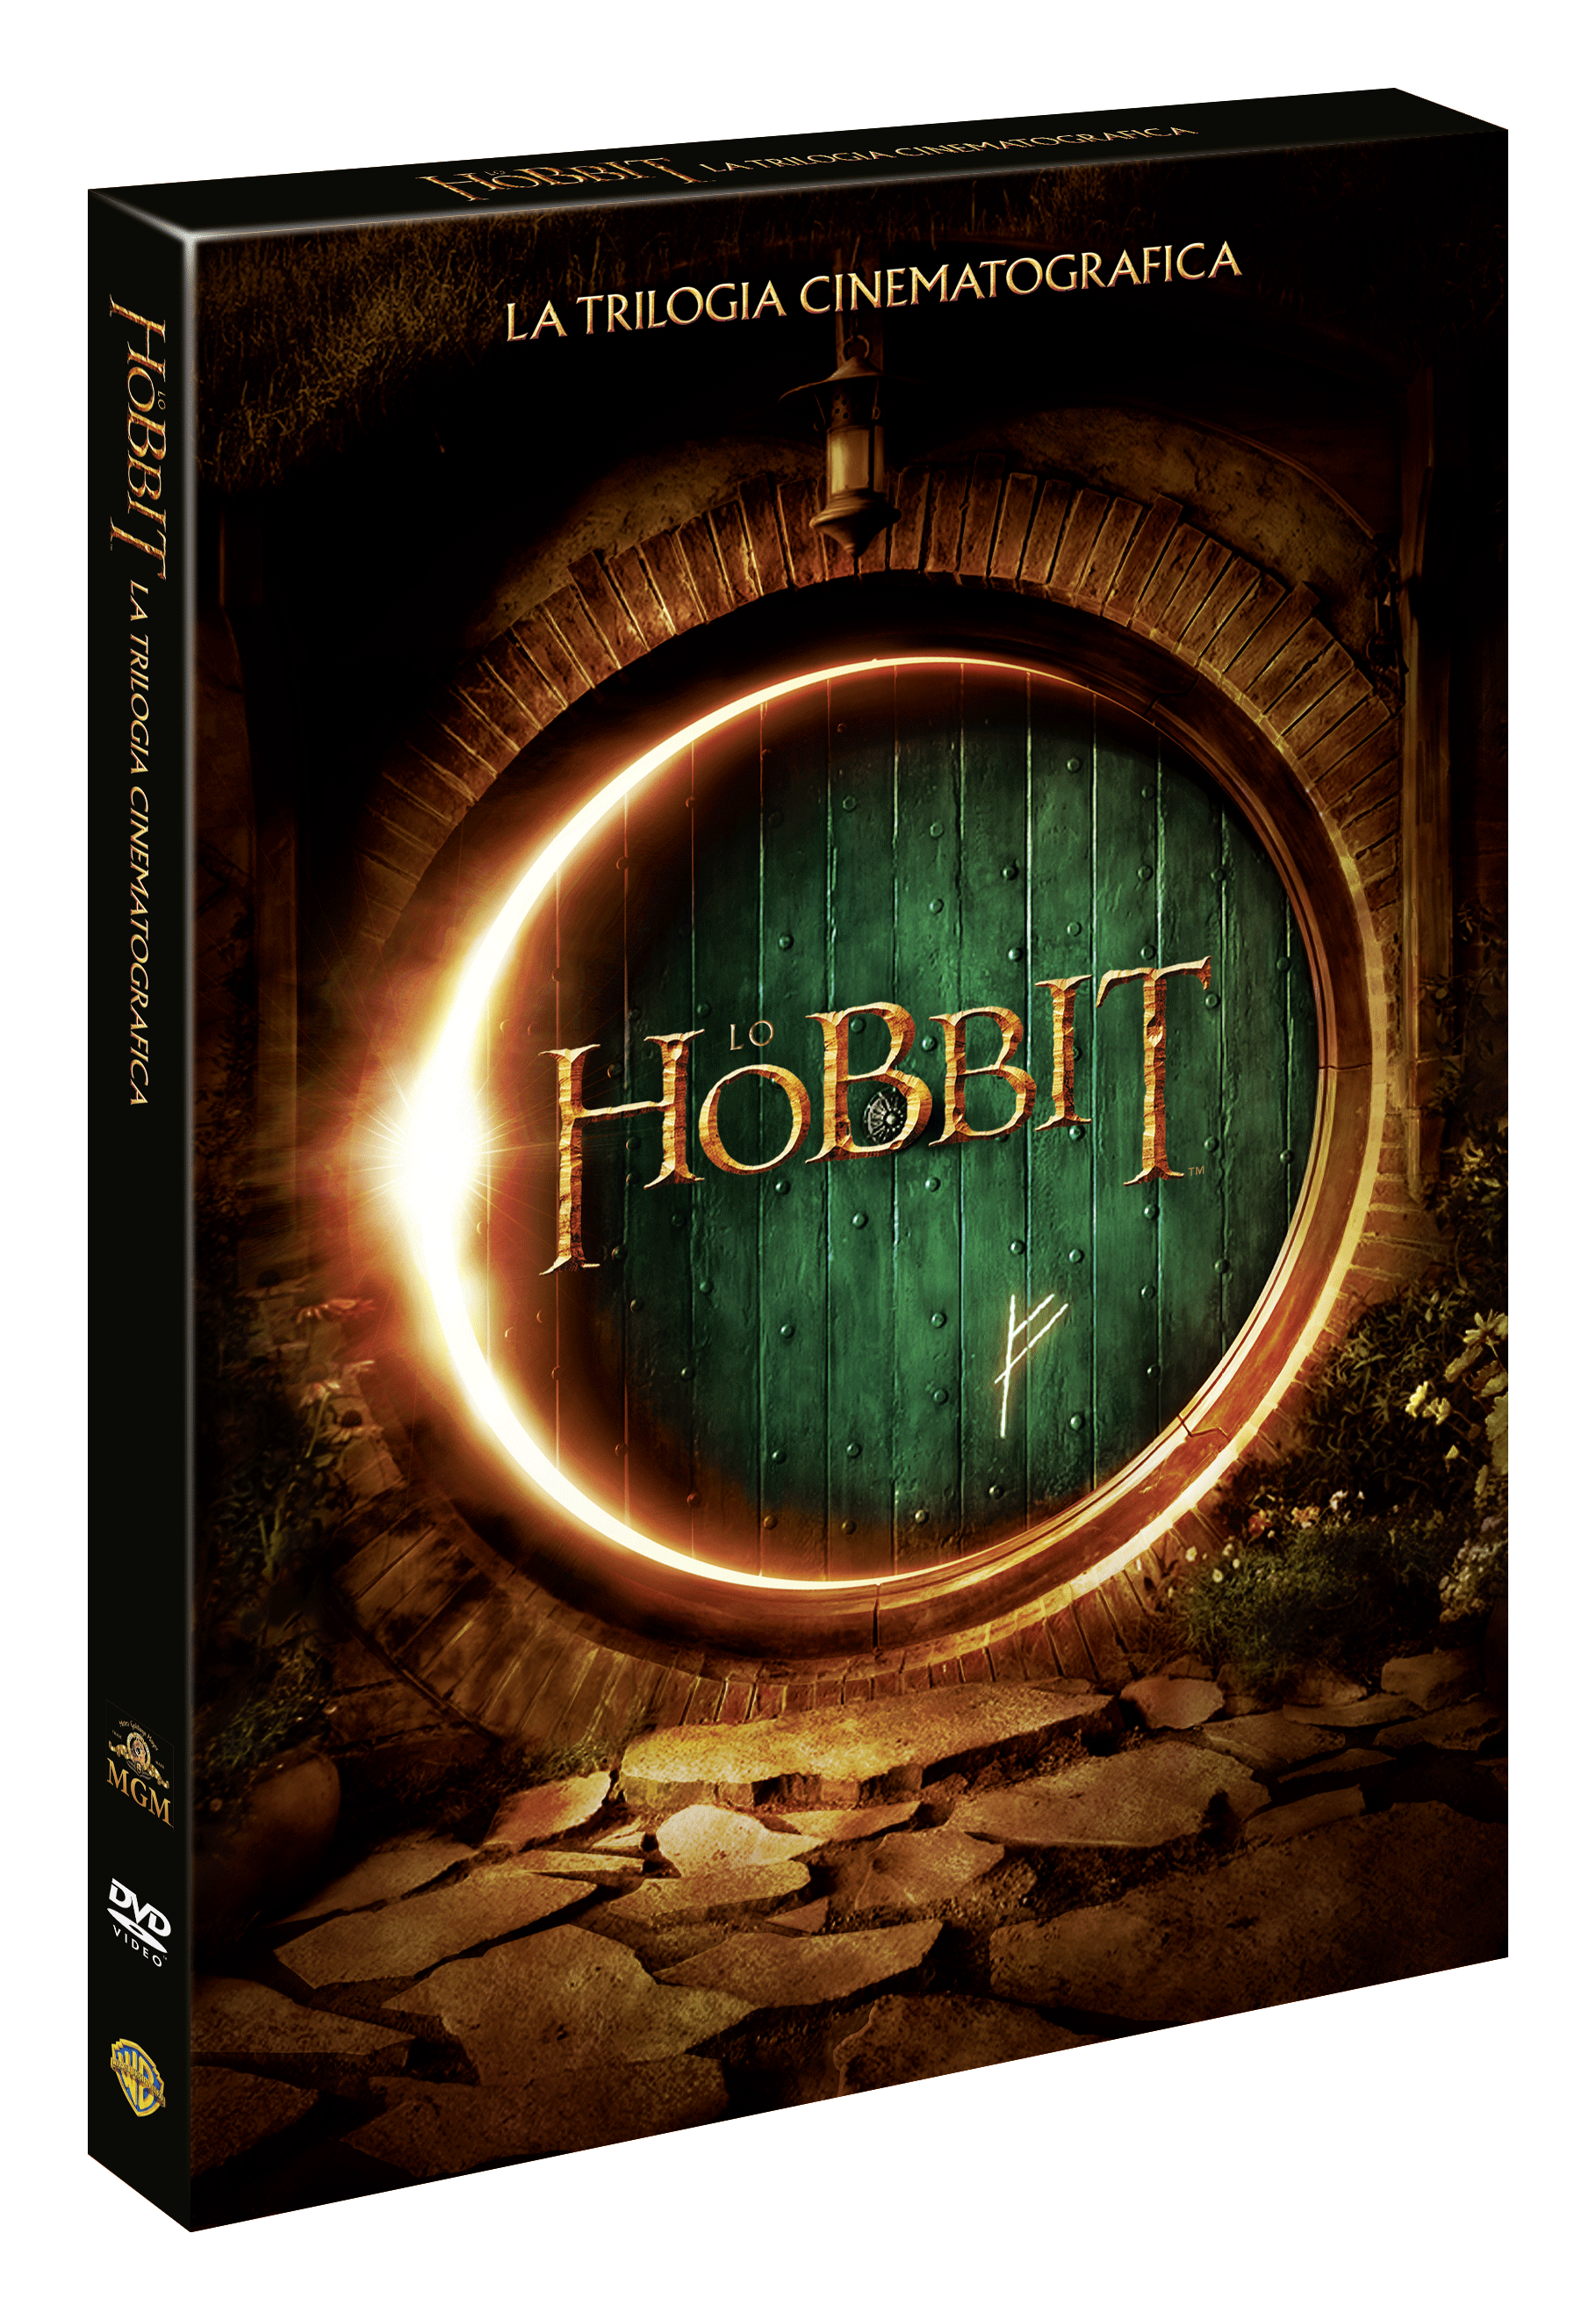 hobbit trilogia dvd